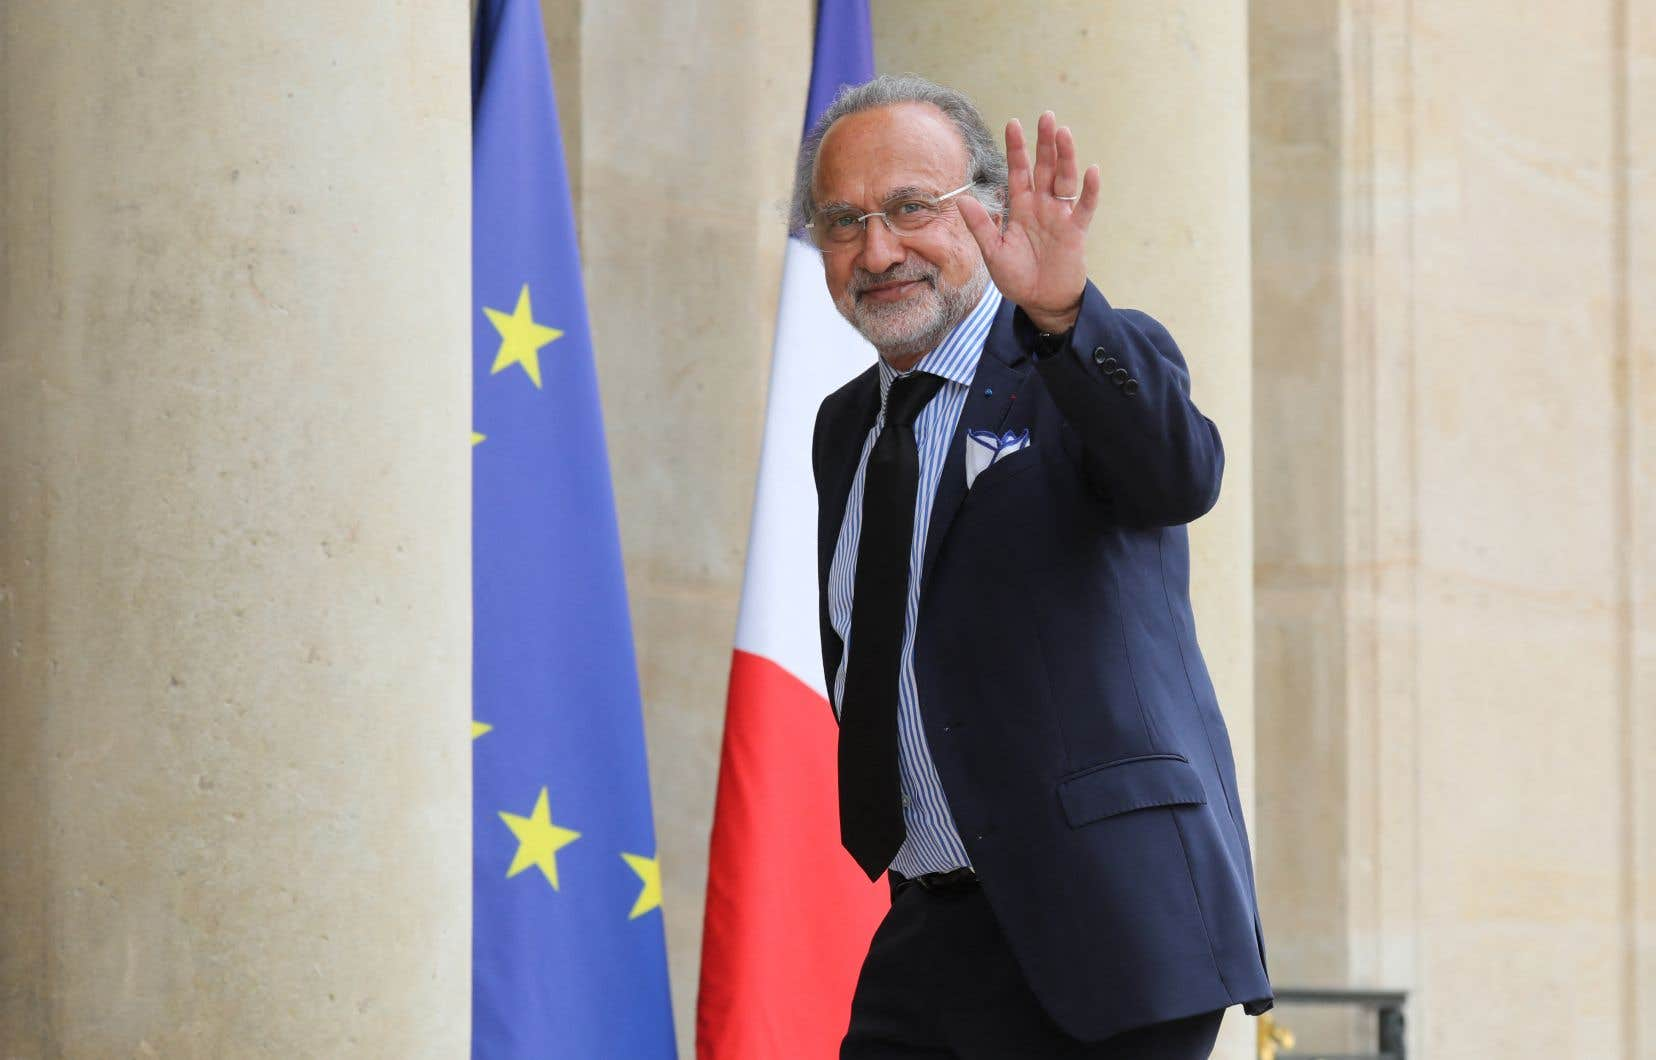 L'élu de droite Olivier Dassault, fils de Serge Dassault, ancien magnat de l'aviation, était âgé de 69 ans.